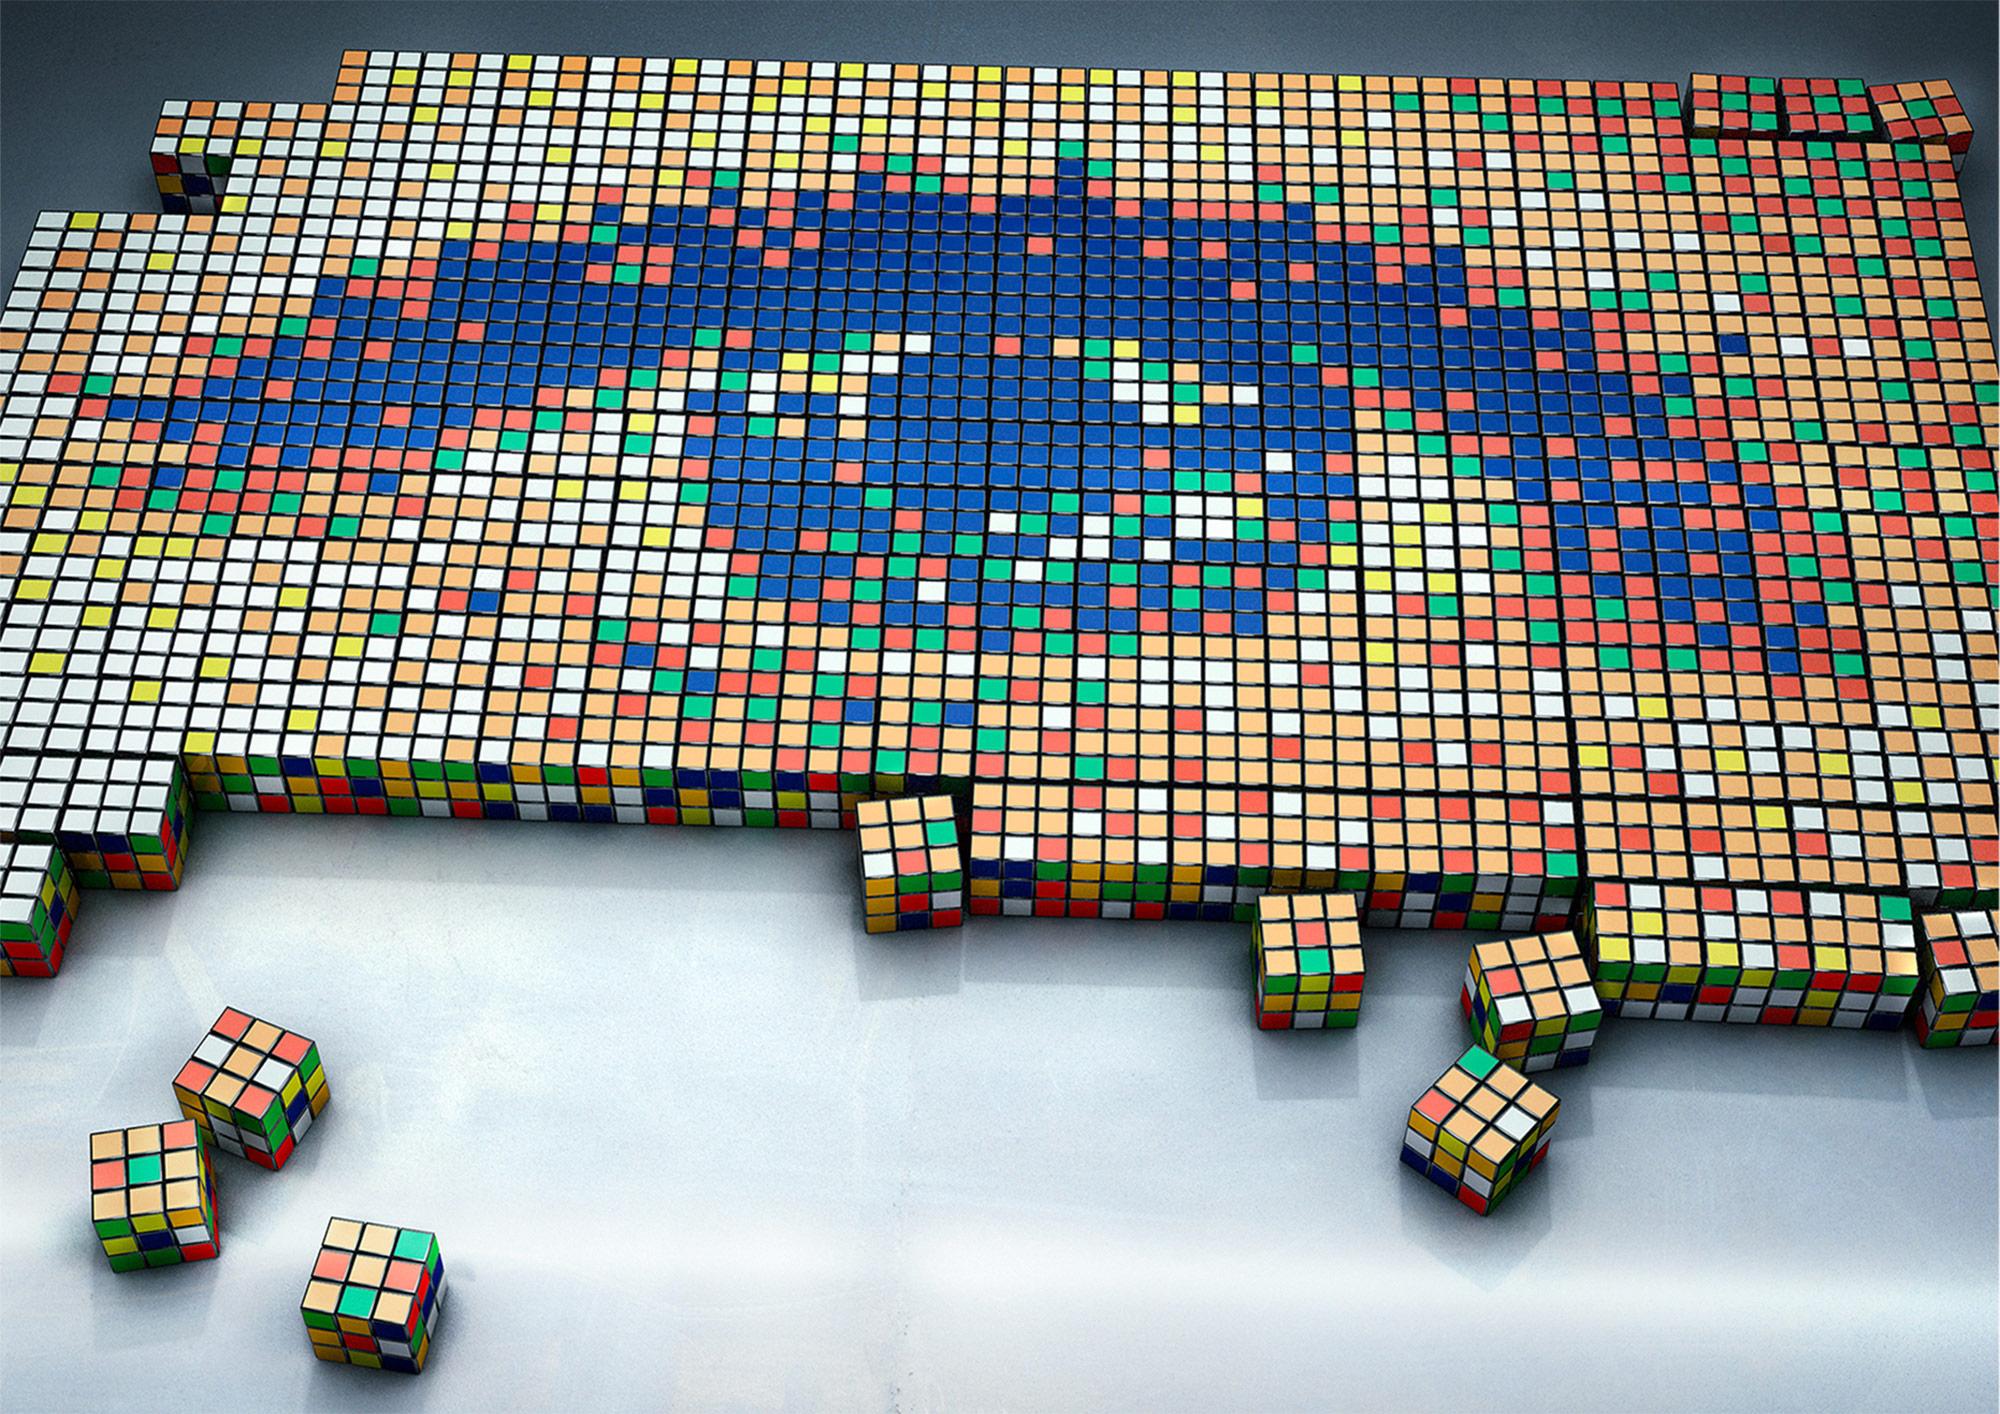 CGI Rendering 3d Rubik Cube Auge Puzzle Illusion Idris Kolodziej